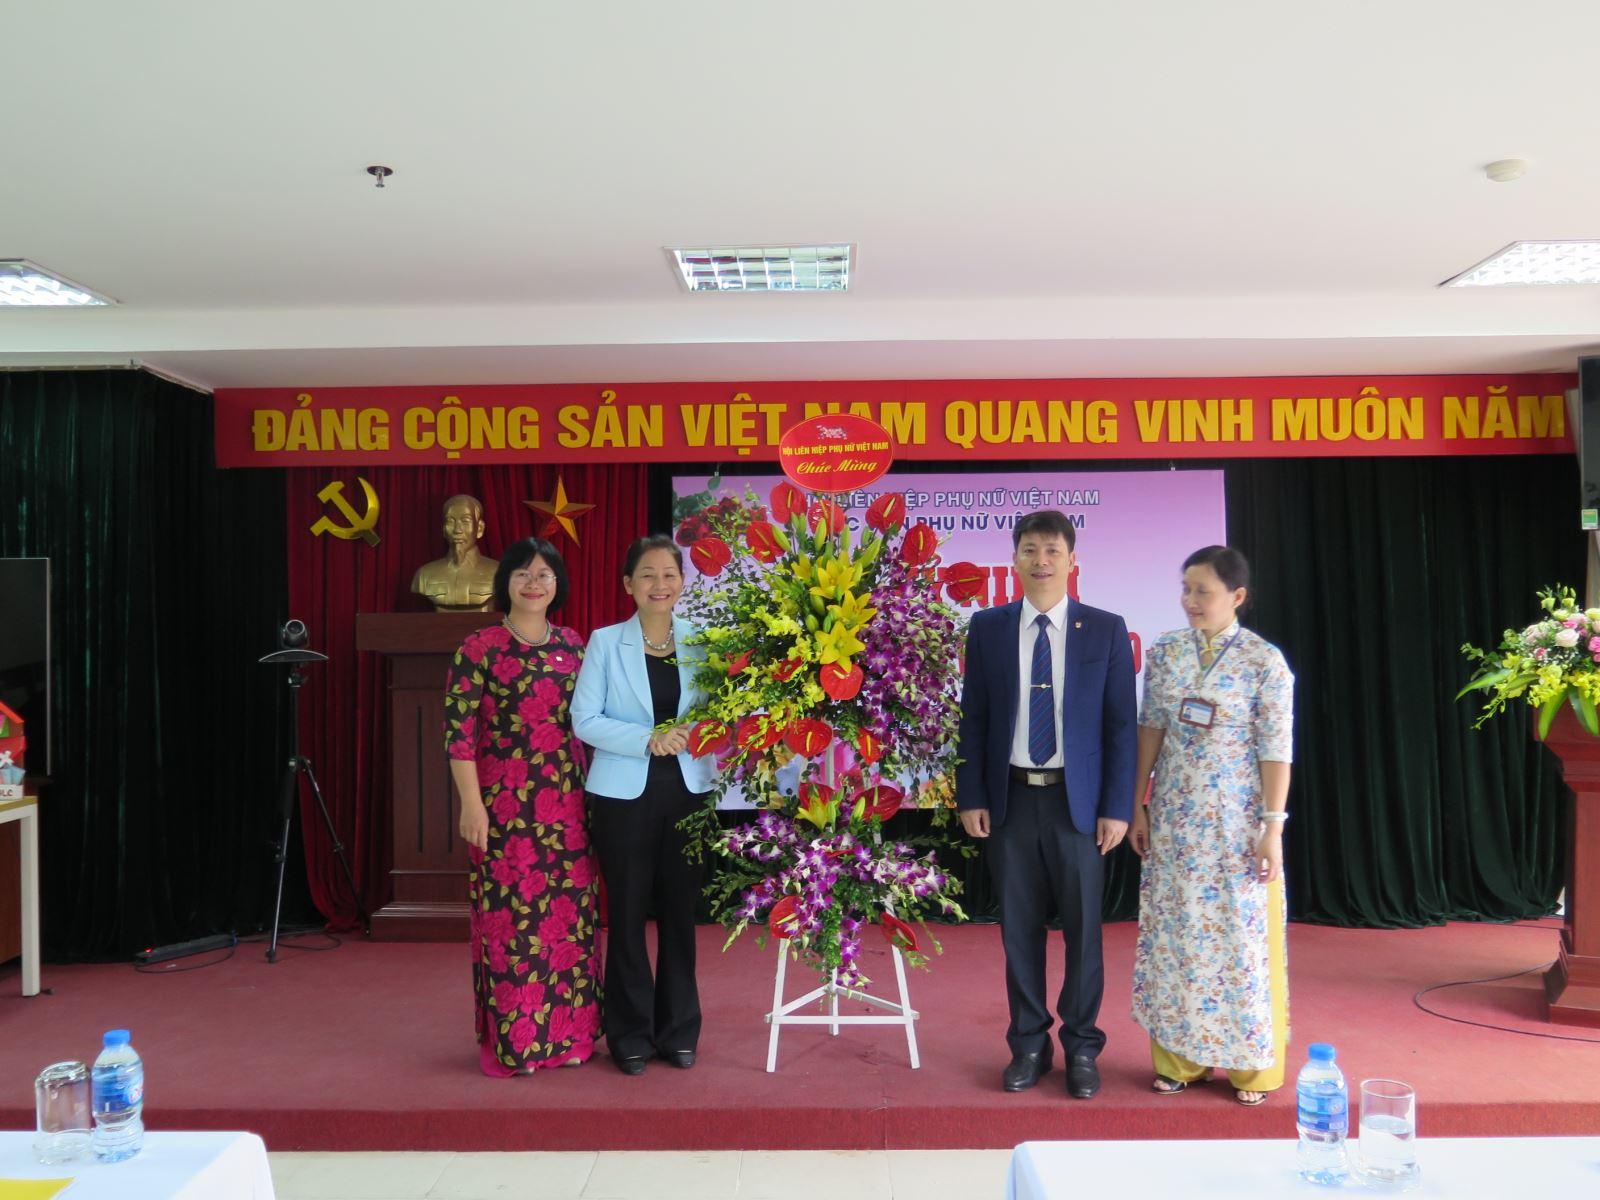 Phóng sự ảnh: Lễ kỷ niệm ngày Nhà giáo Việt Nam 20/11